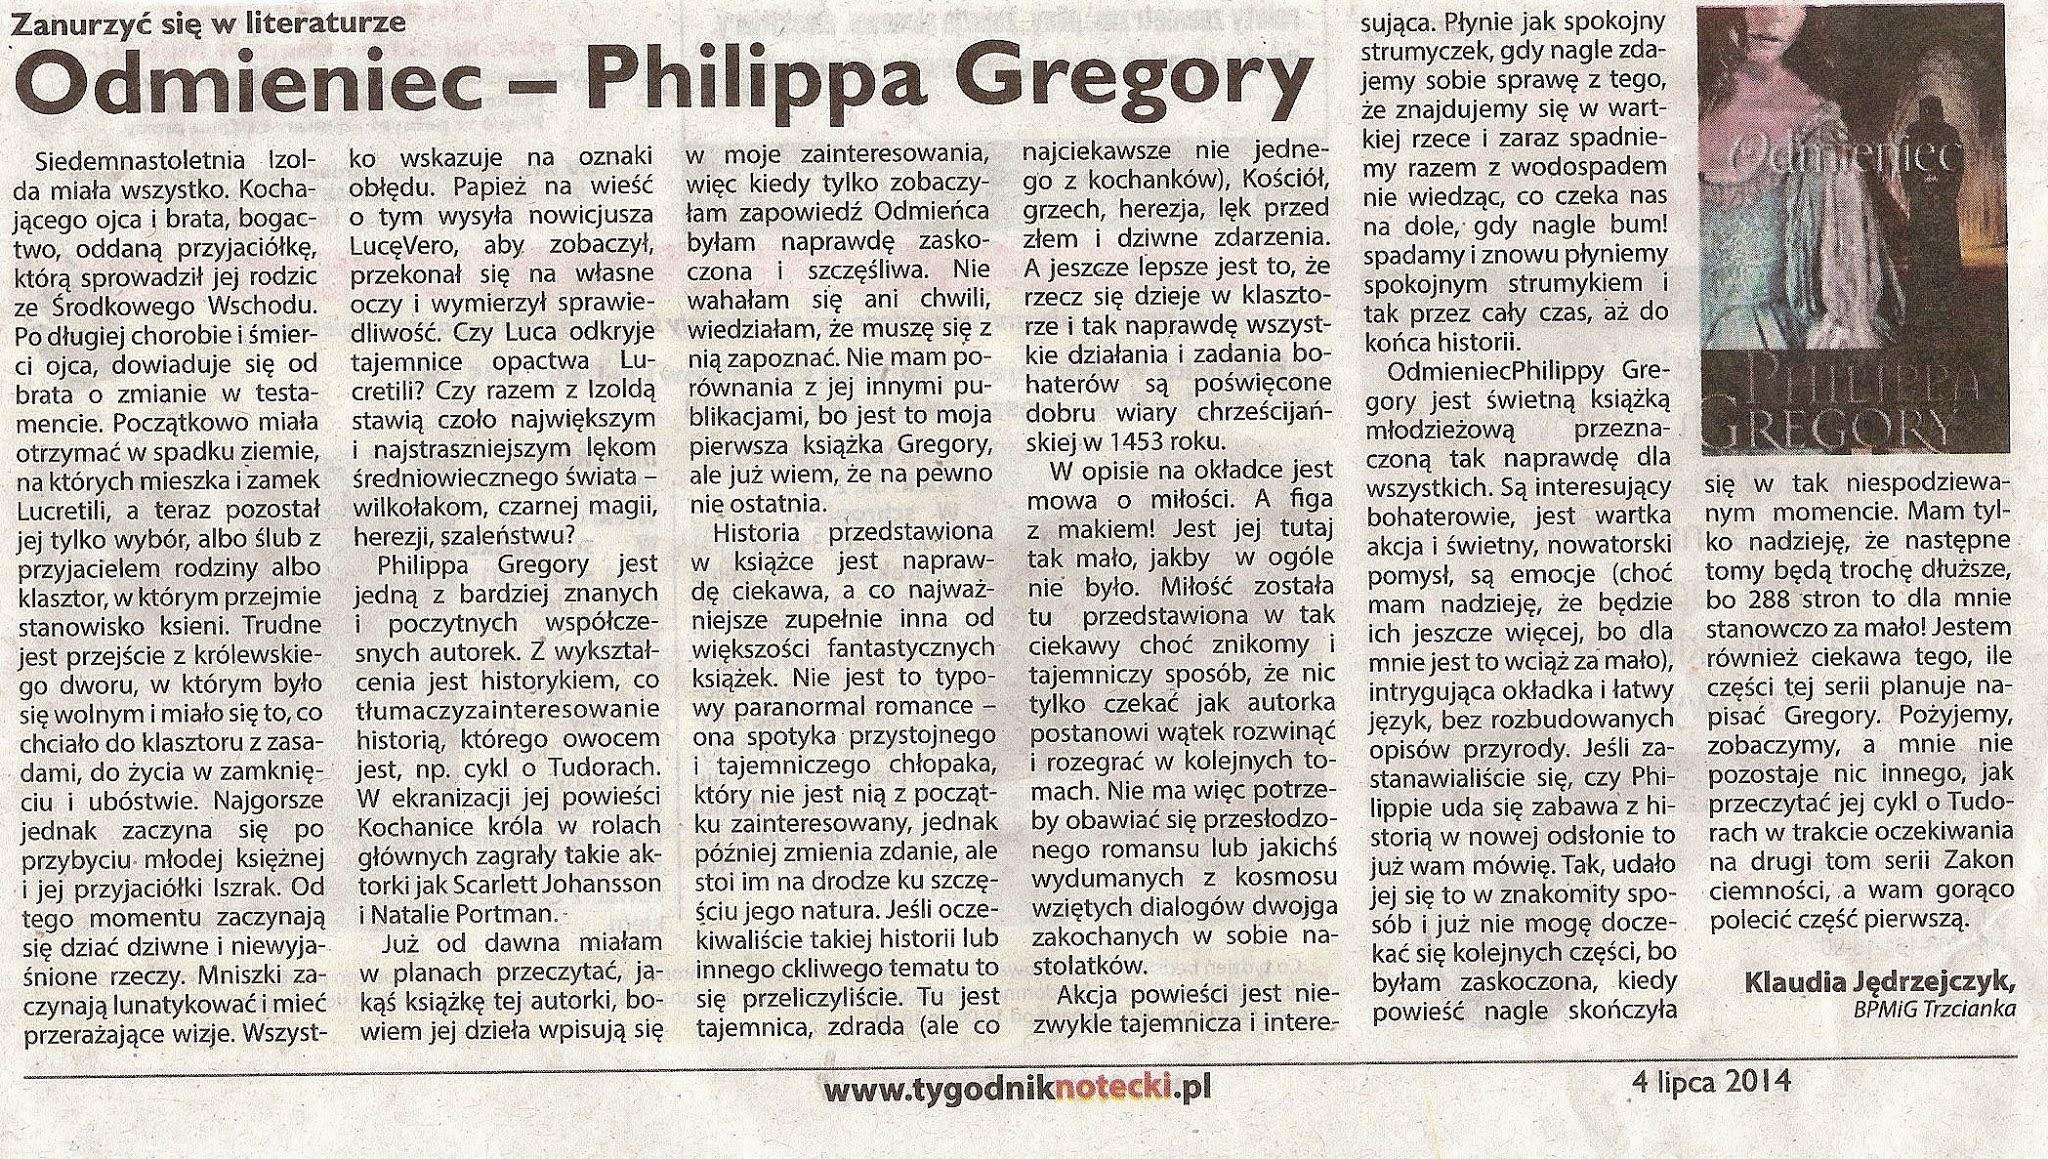 Photo: http://szeptksiazek.blogspot.com/2013/04/przedpremierowo-odmieniec-philippa.html